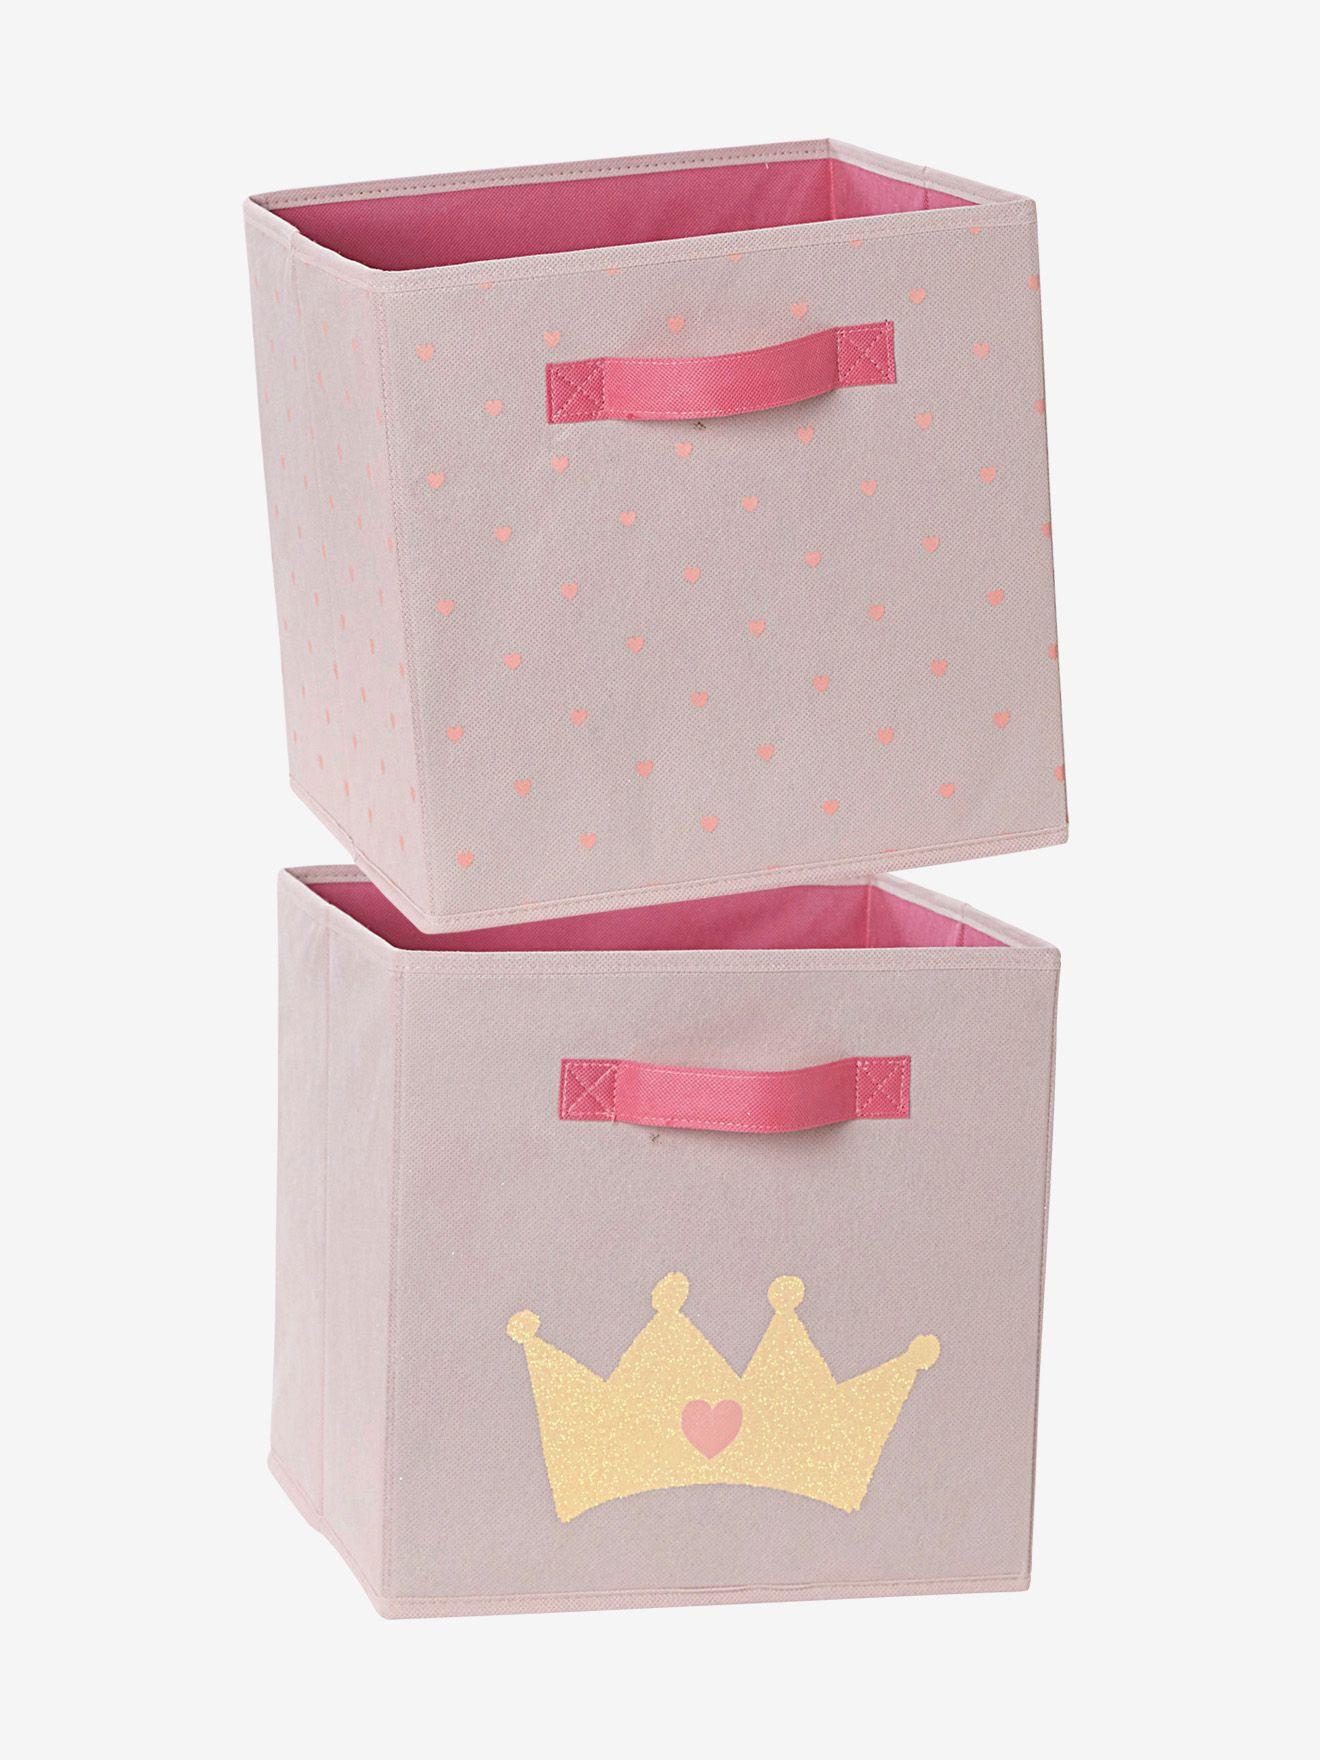 Vlies-Aufbewahrungsboxen im 2er-Set von Vertbaudet in rosa - Nur € 2 ...